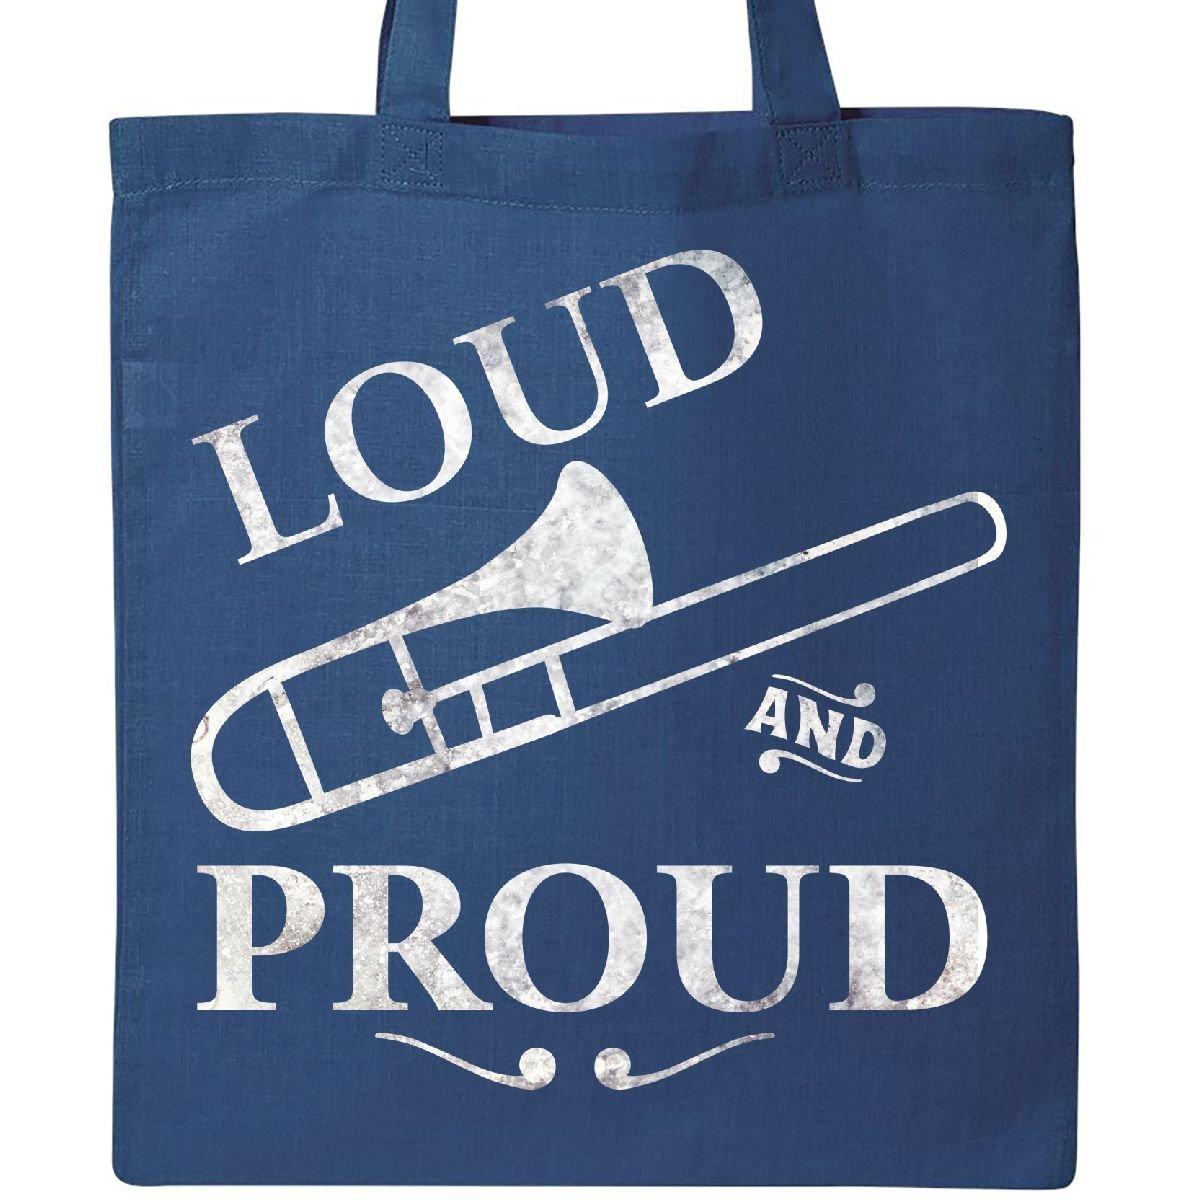 Cheap Brass Instruments, find Brass Instruments deals on